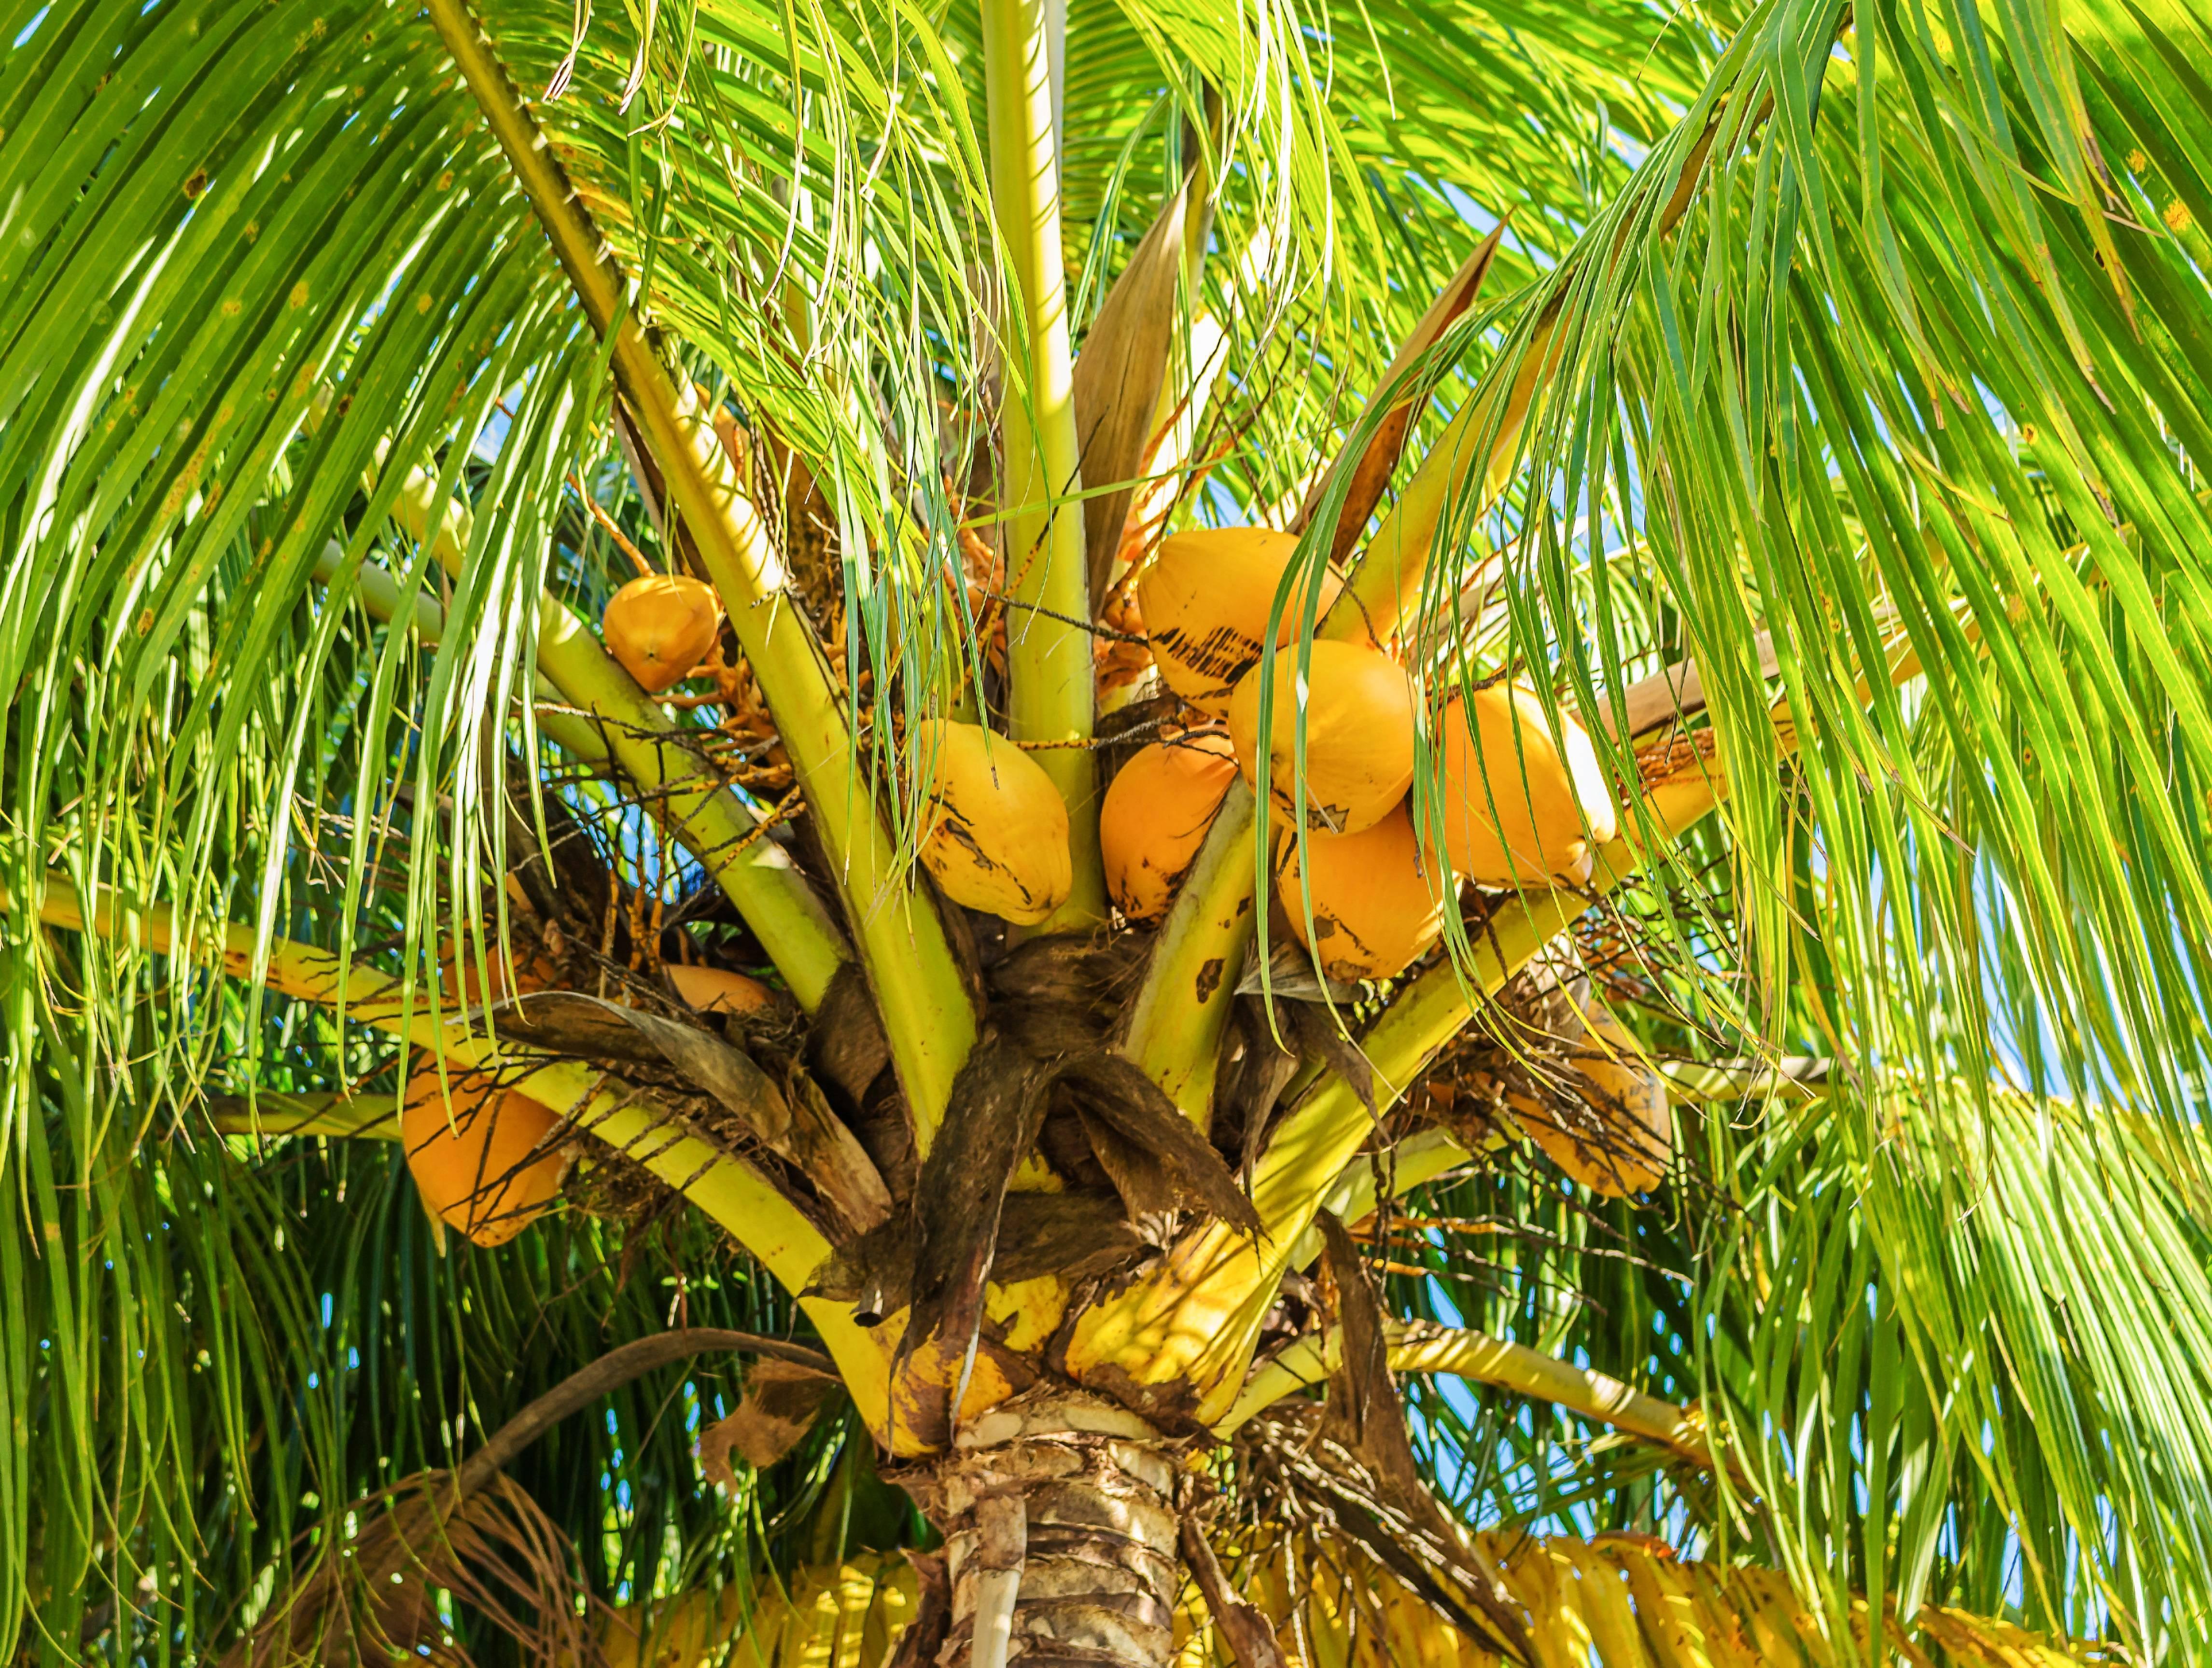 Кешью: как растет в природе ореховое дерево, как выглядит плод в скорлупе, а также орешки без оболочки, где выращивают продукт, в каких странах, как добывают ядра?